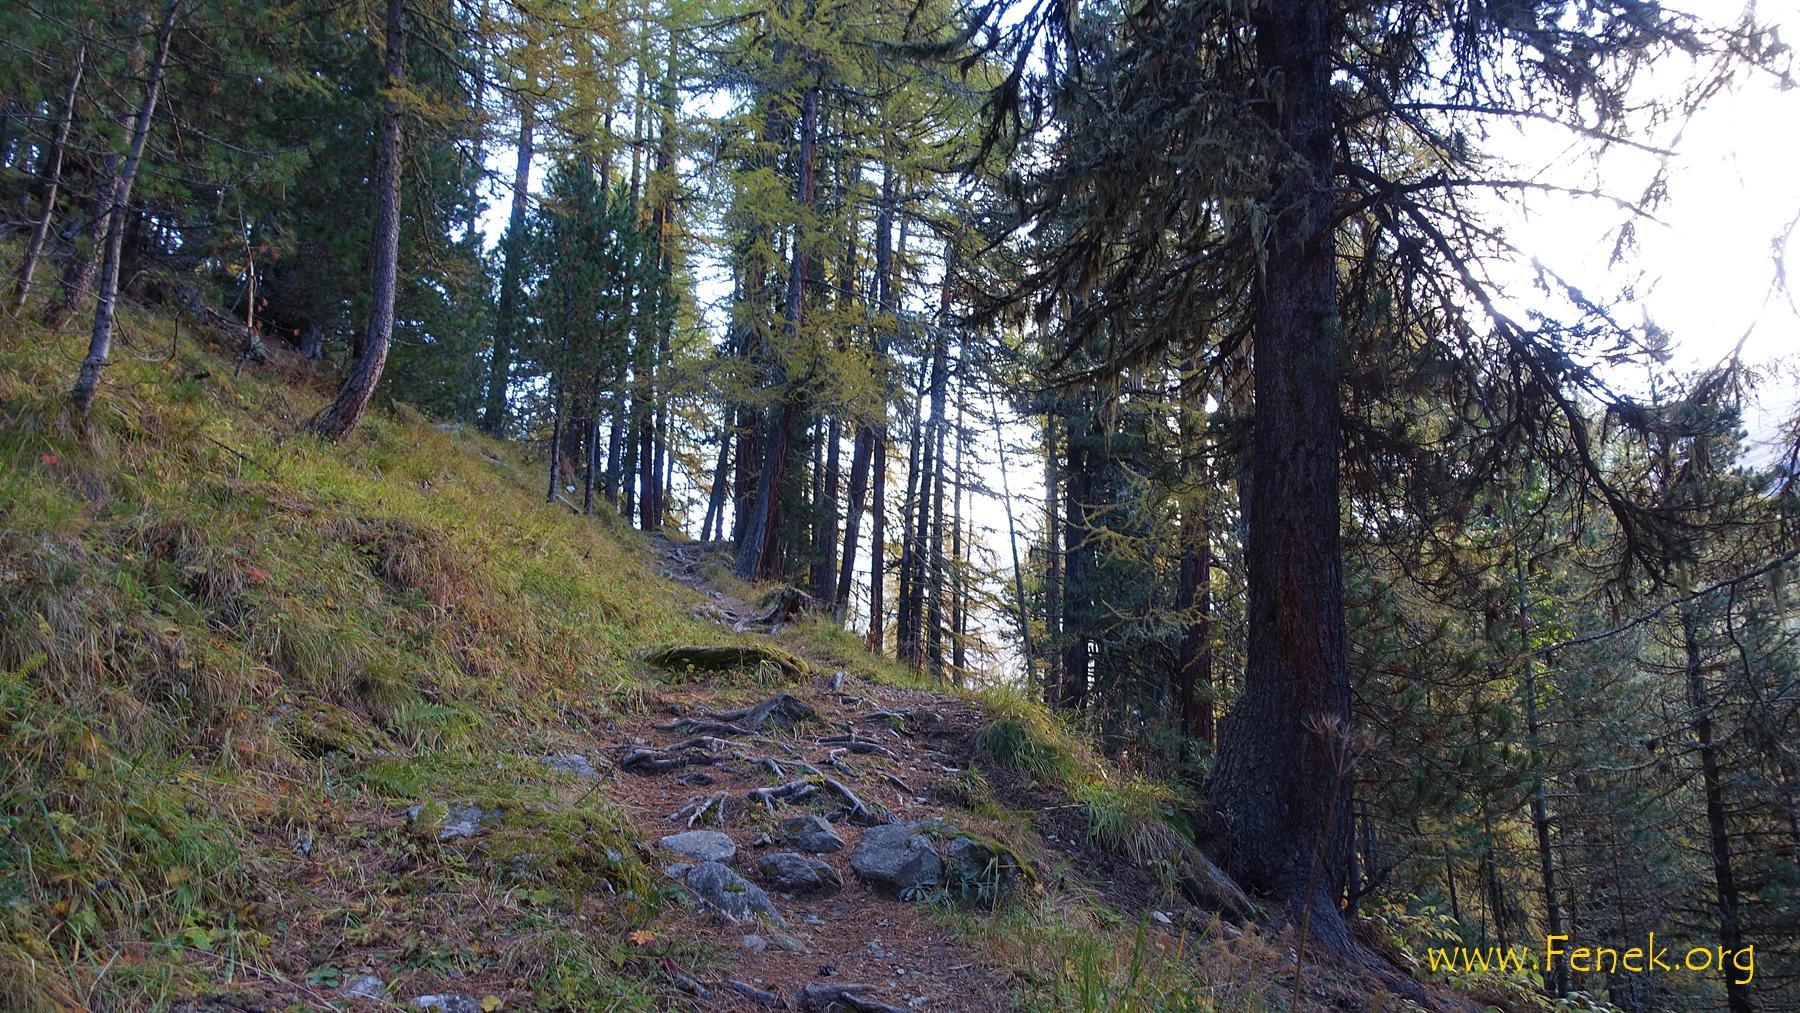 Aufstieg durch den bunten Wald